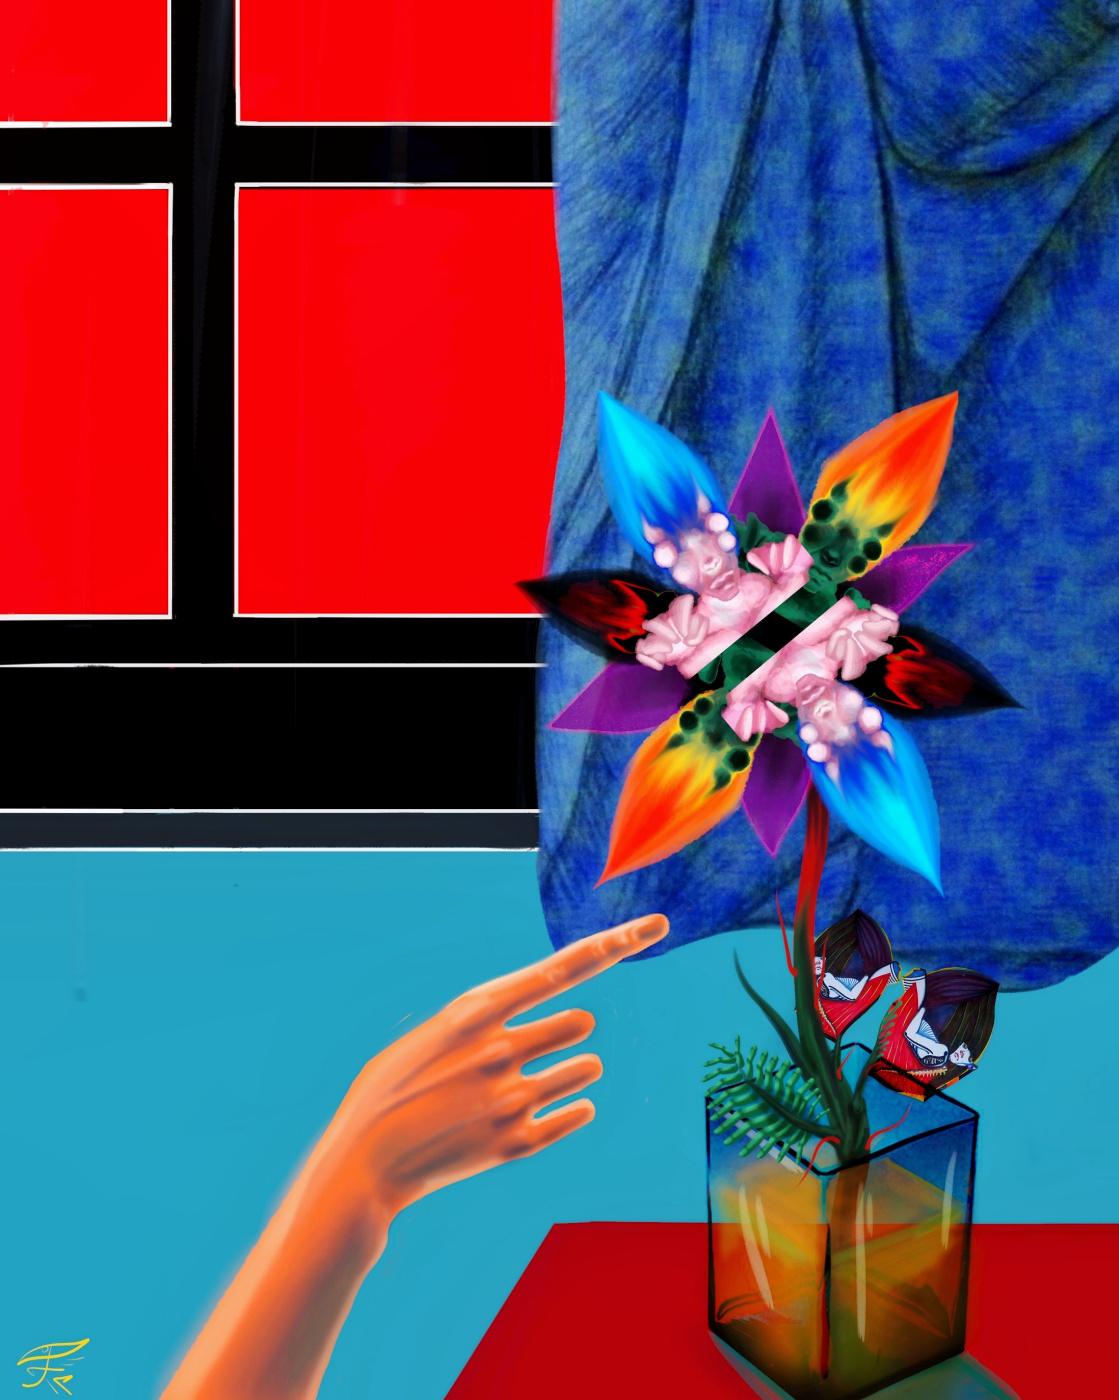 Christina Kovalchuk. Triptych Piece of Life